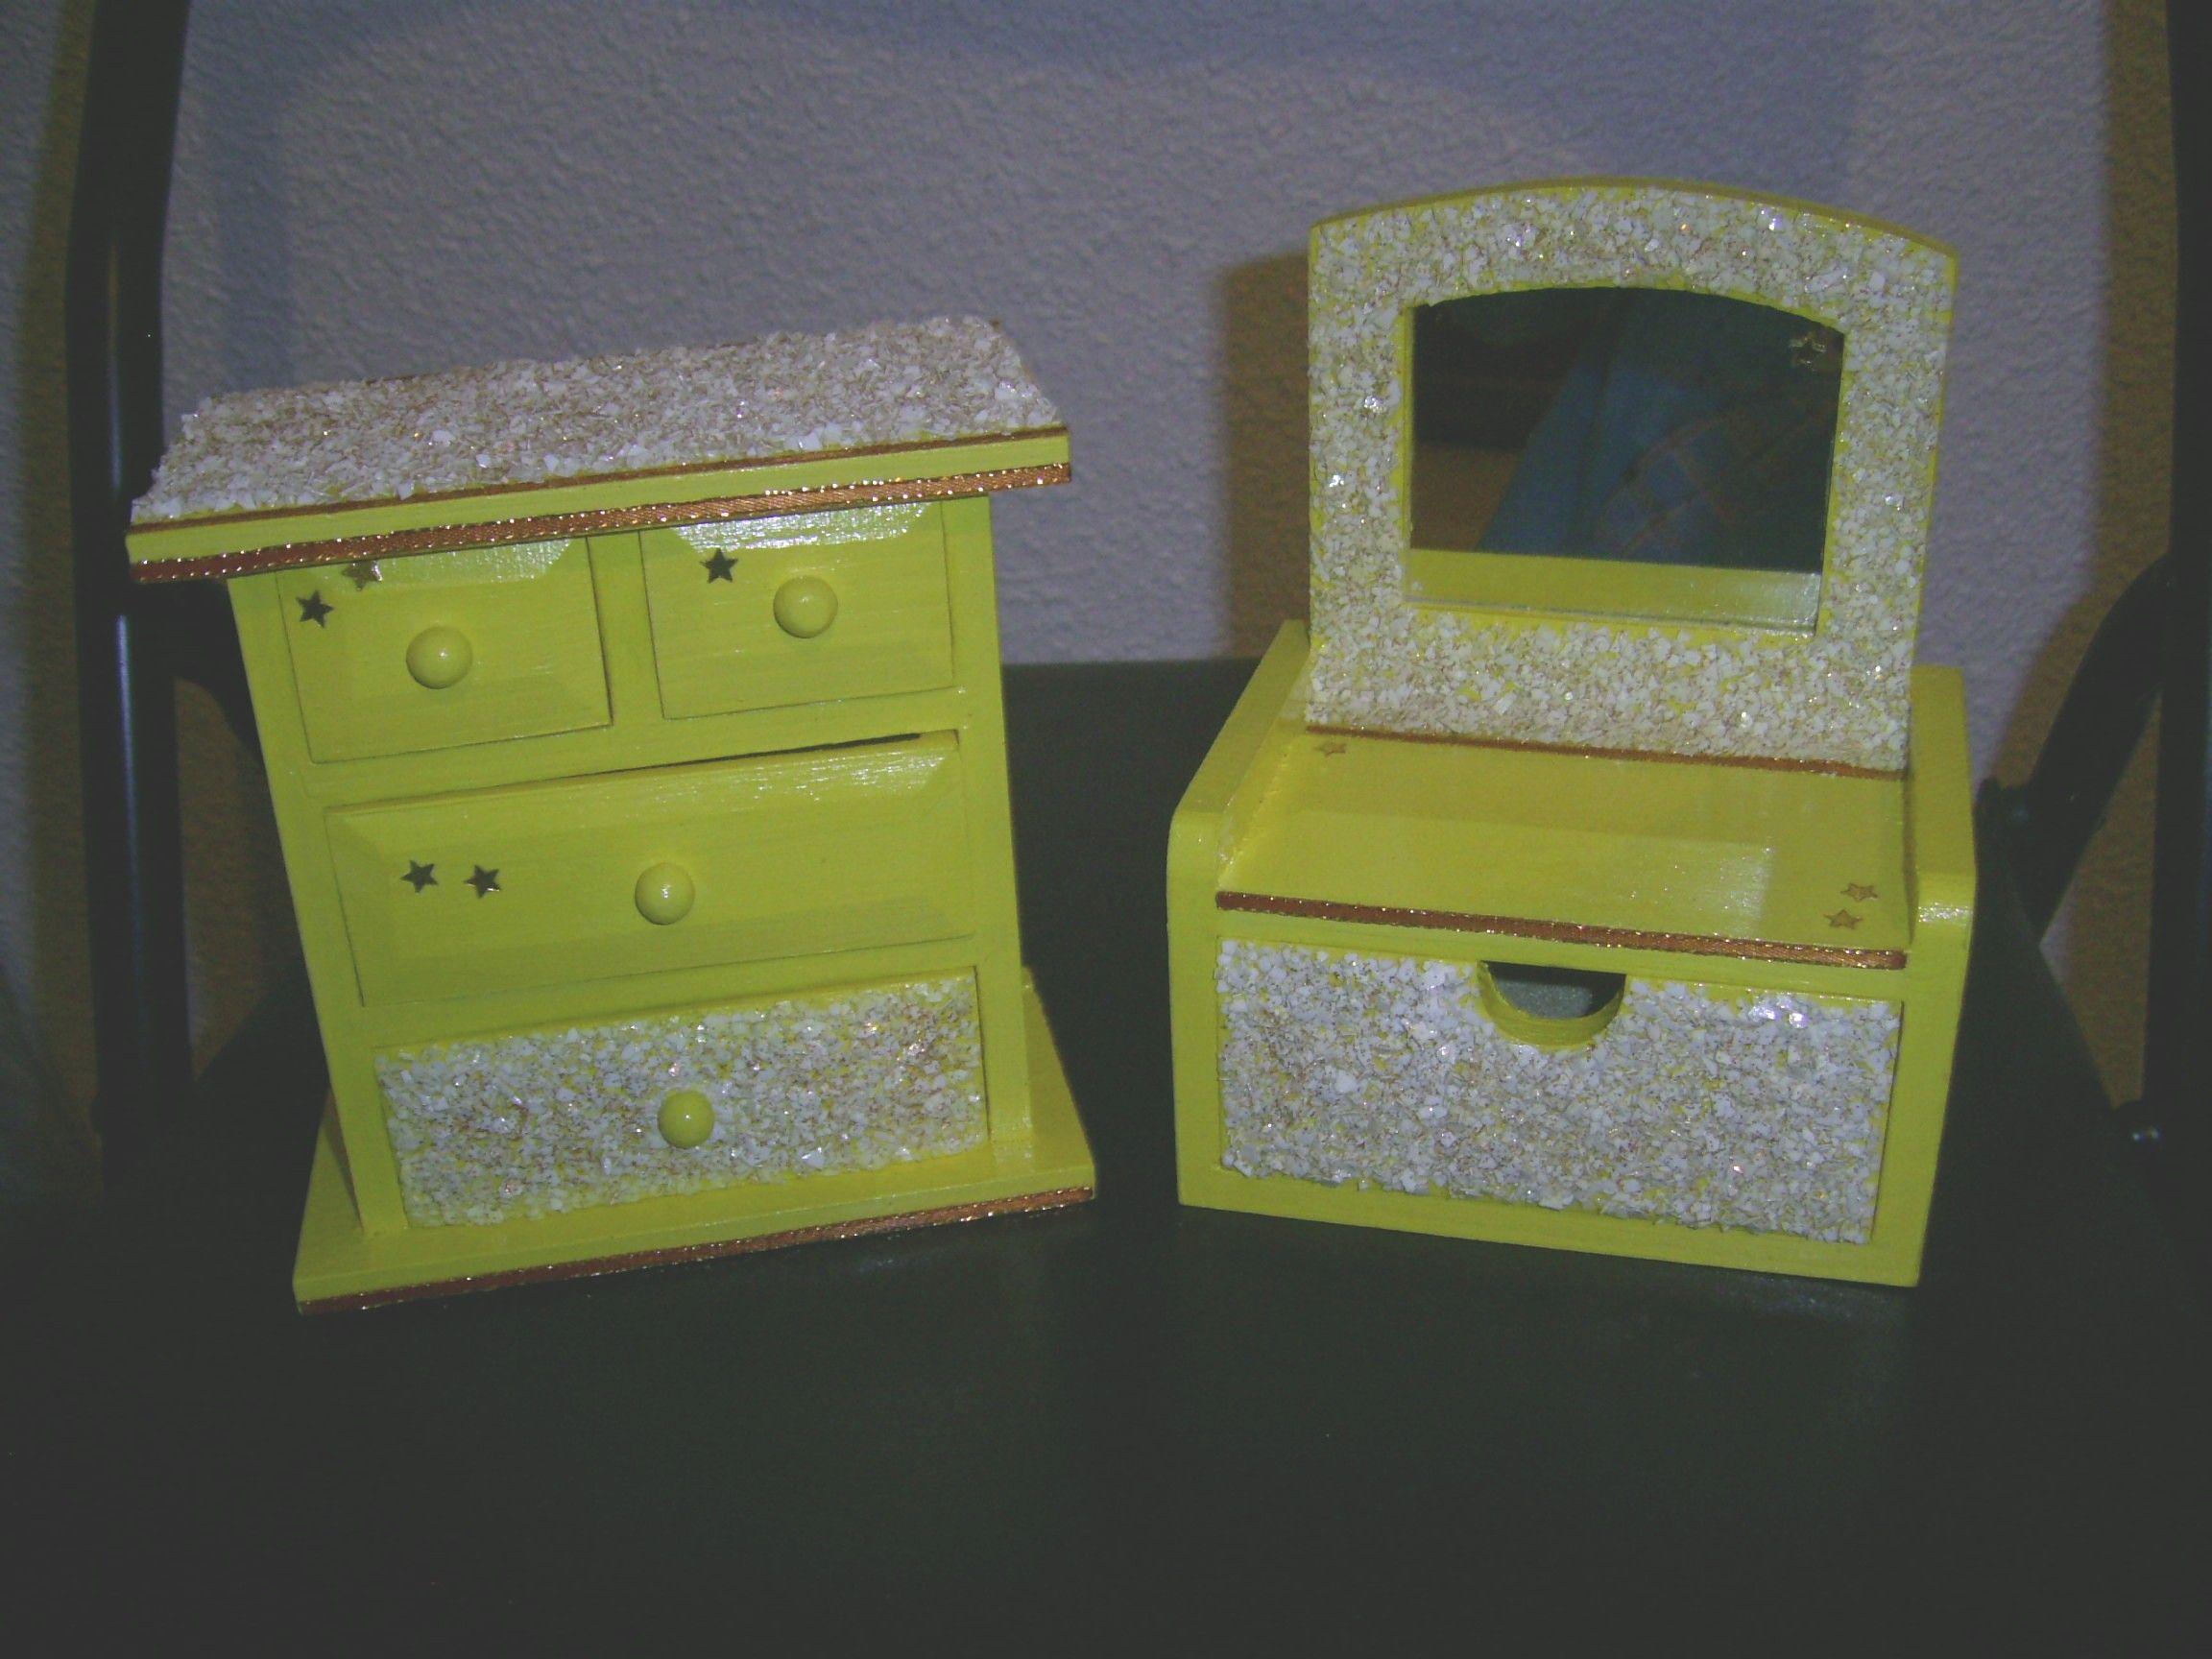 Cajas joyeros de madera decoradas en amarillo con detalles - Caja de huevo ...